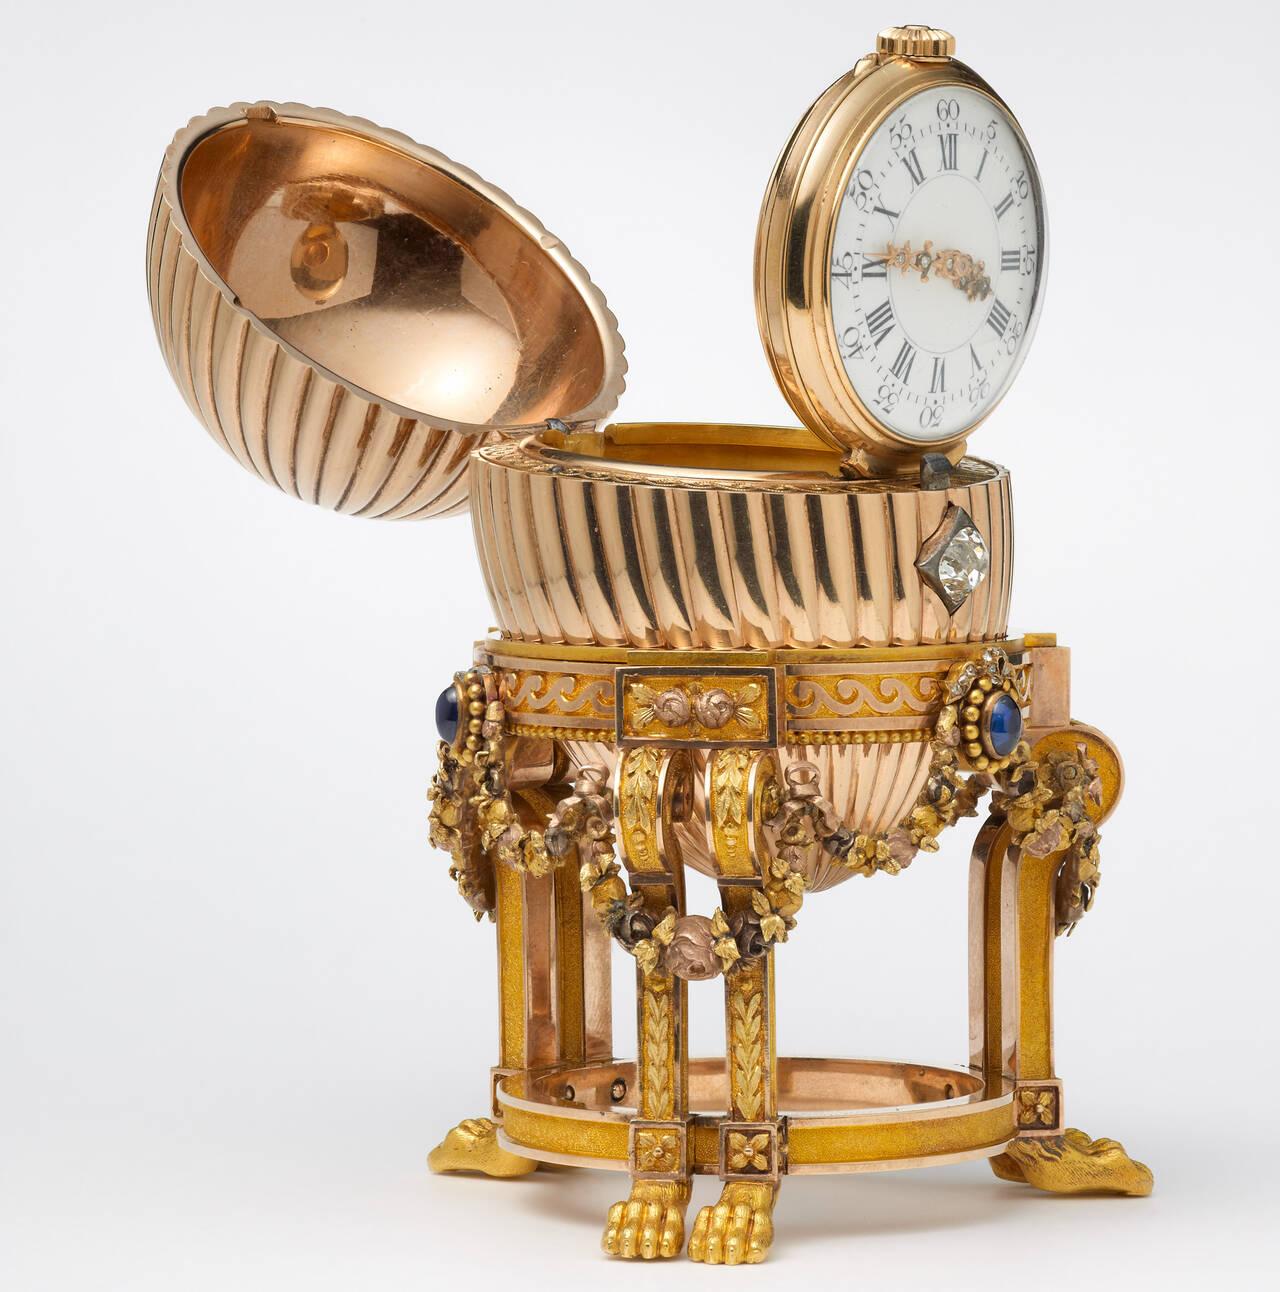 Φαμπερζέ στο Λονδίνο: Μια έκθεση συνώνυμη με την πολυτέλεια και τον πλούτο